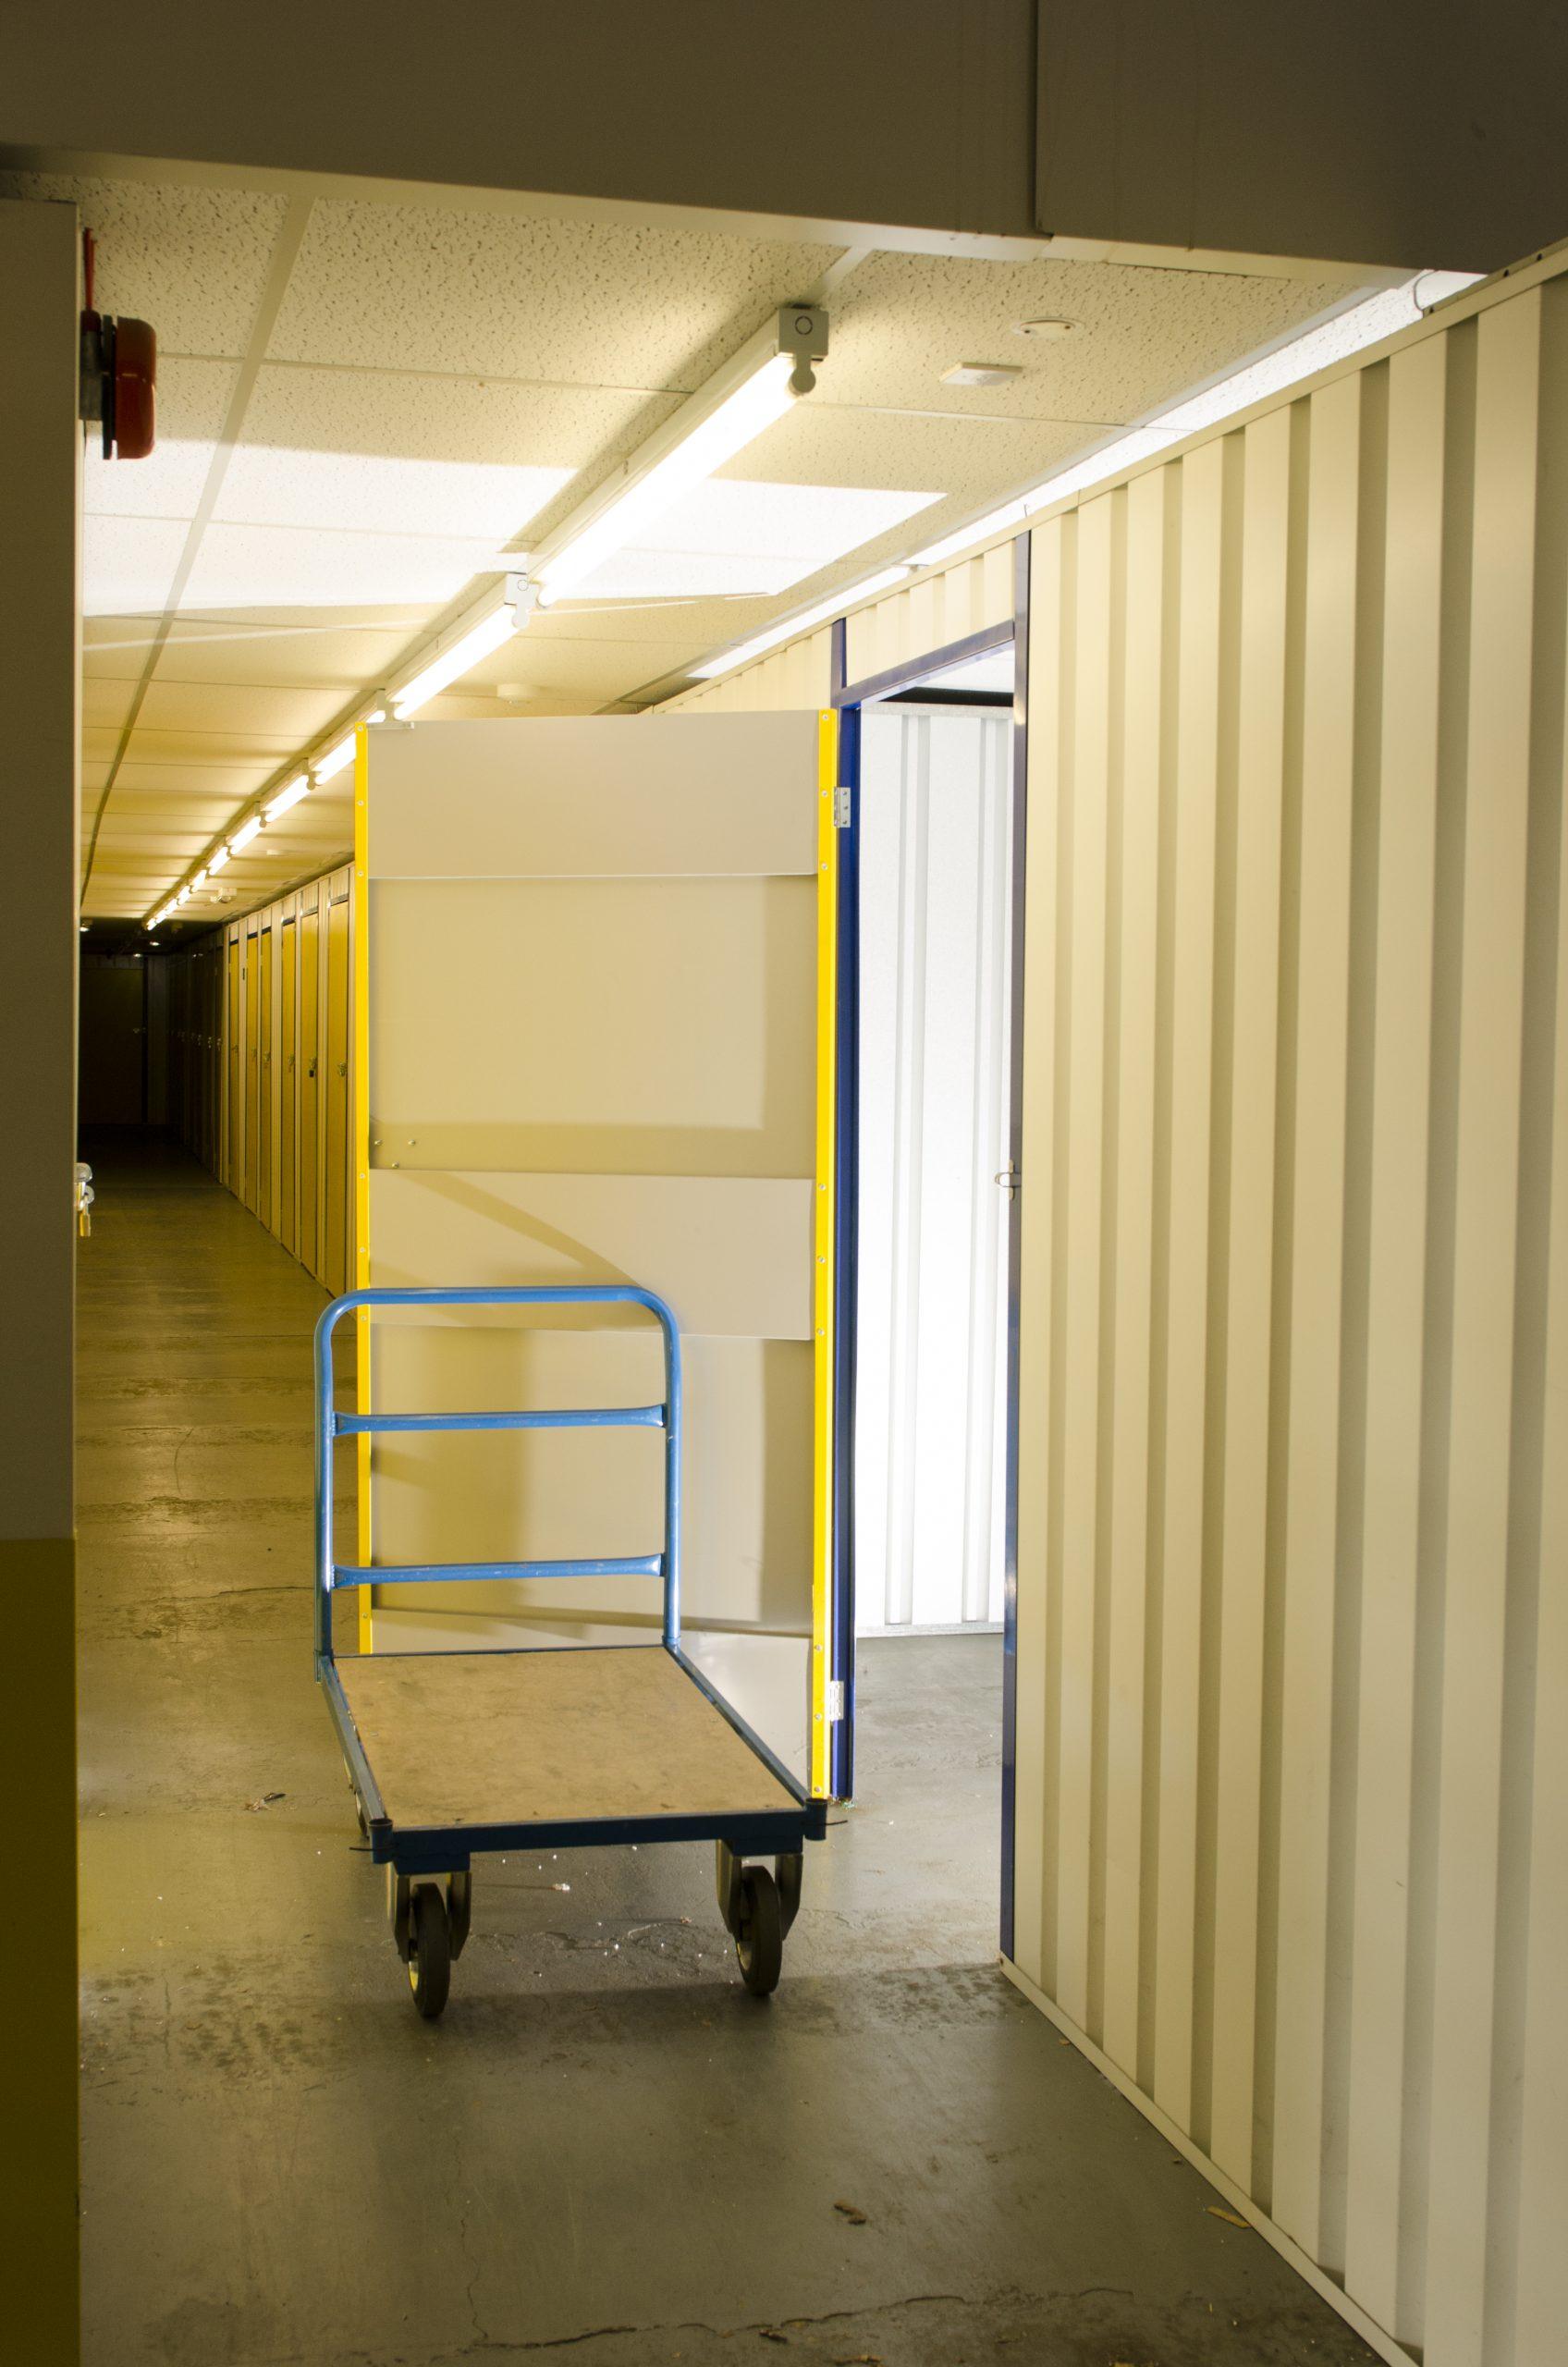 Stokes self storage units